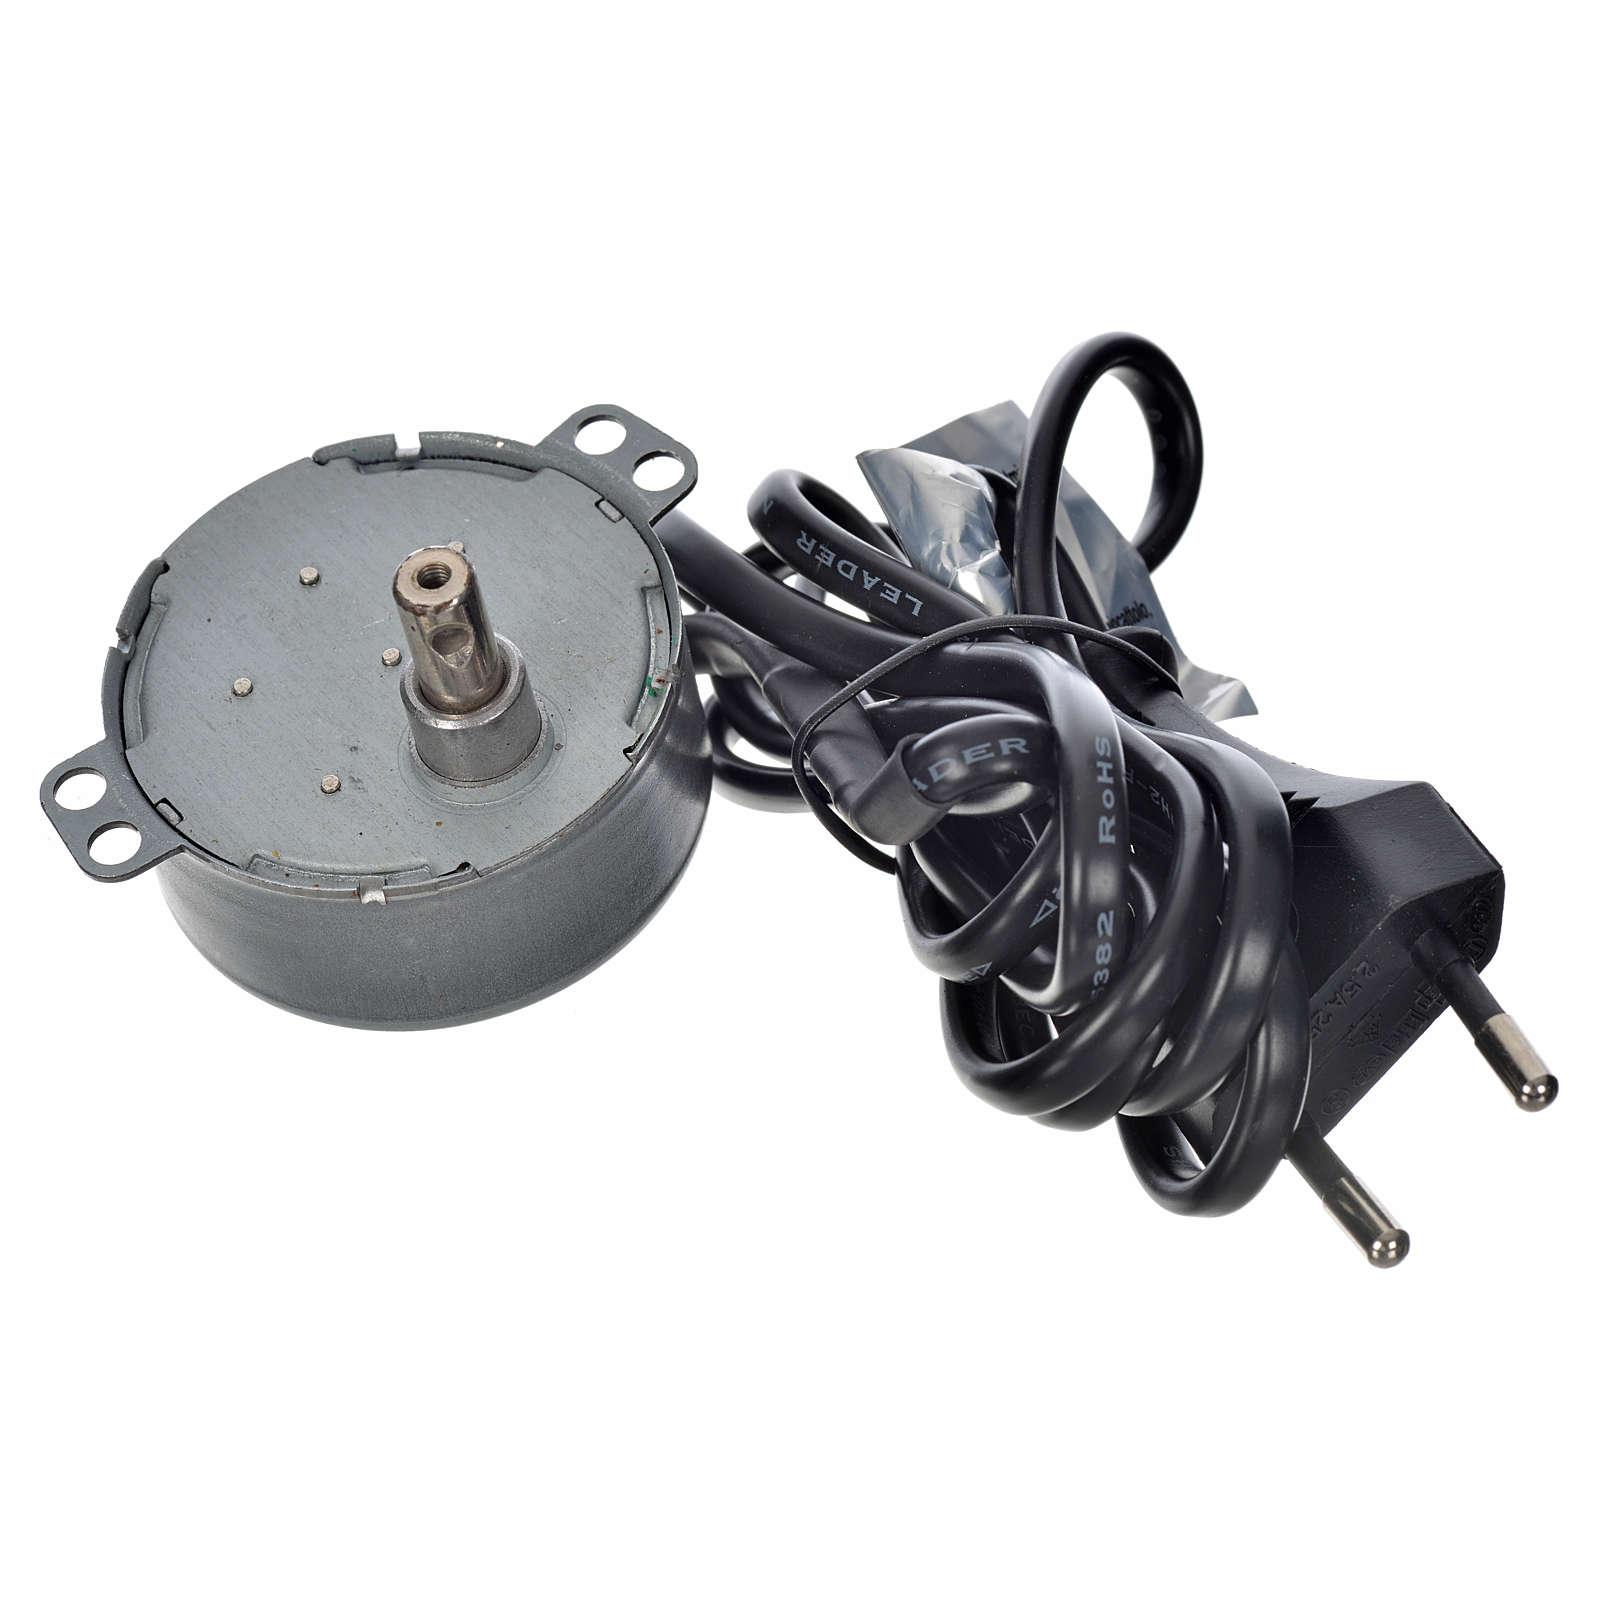 Mini-moteur pour mouvements crèche 4W 2 tours/min 4